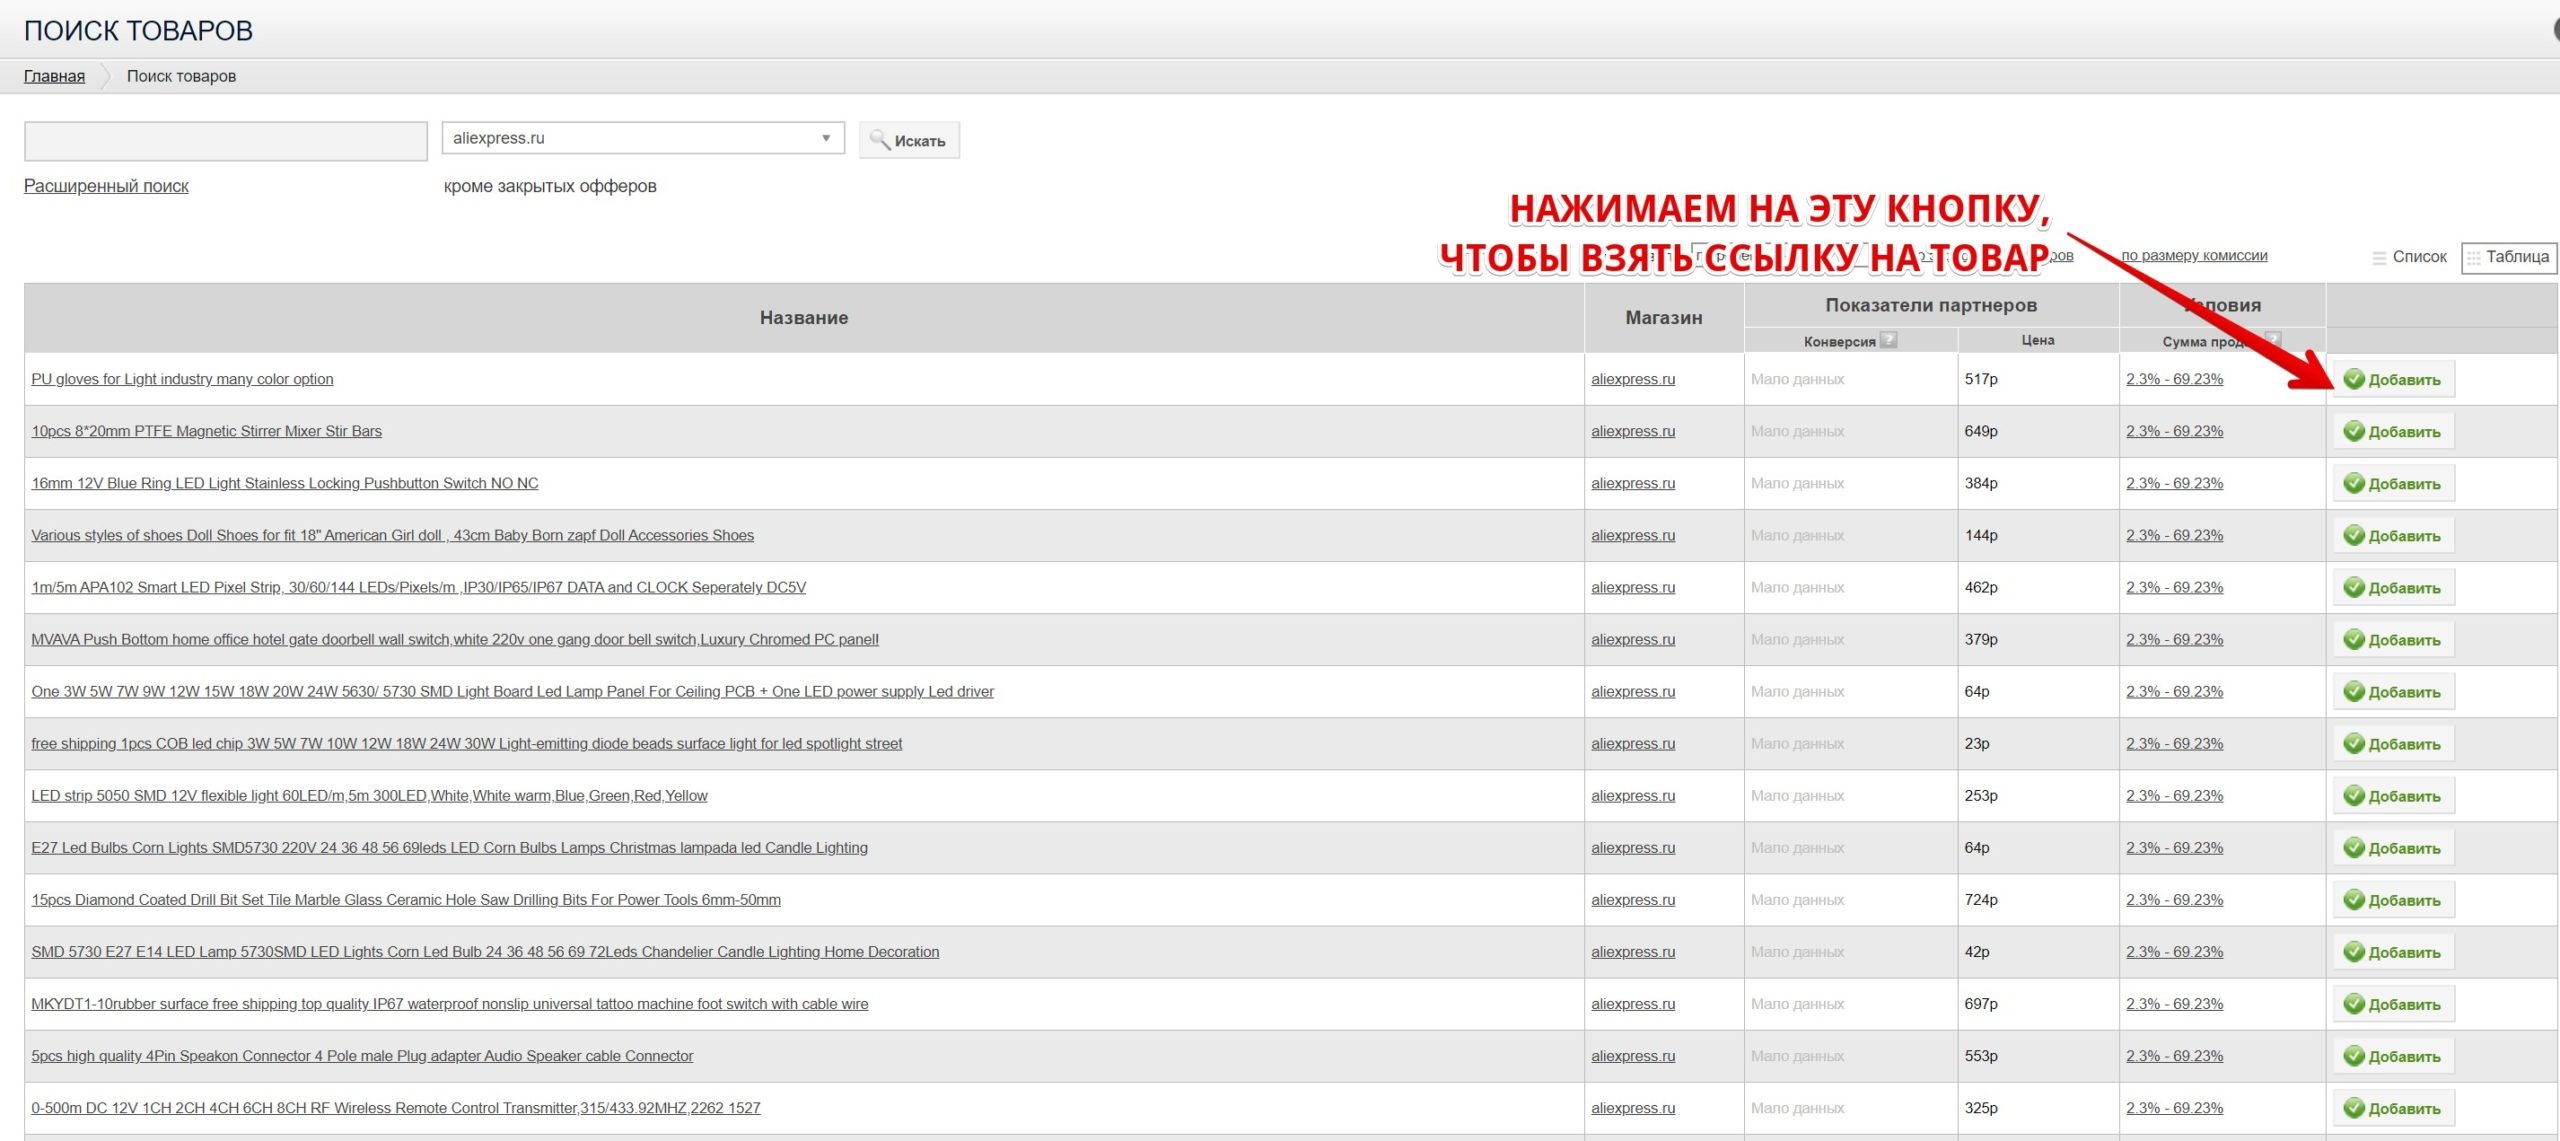 партнерская программа где слон алиэкспресс на русском